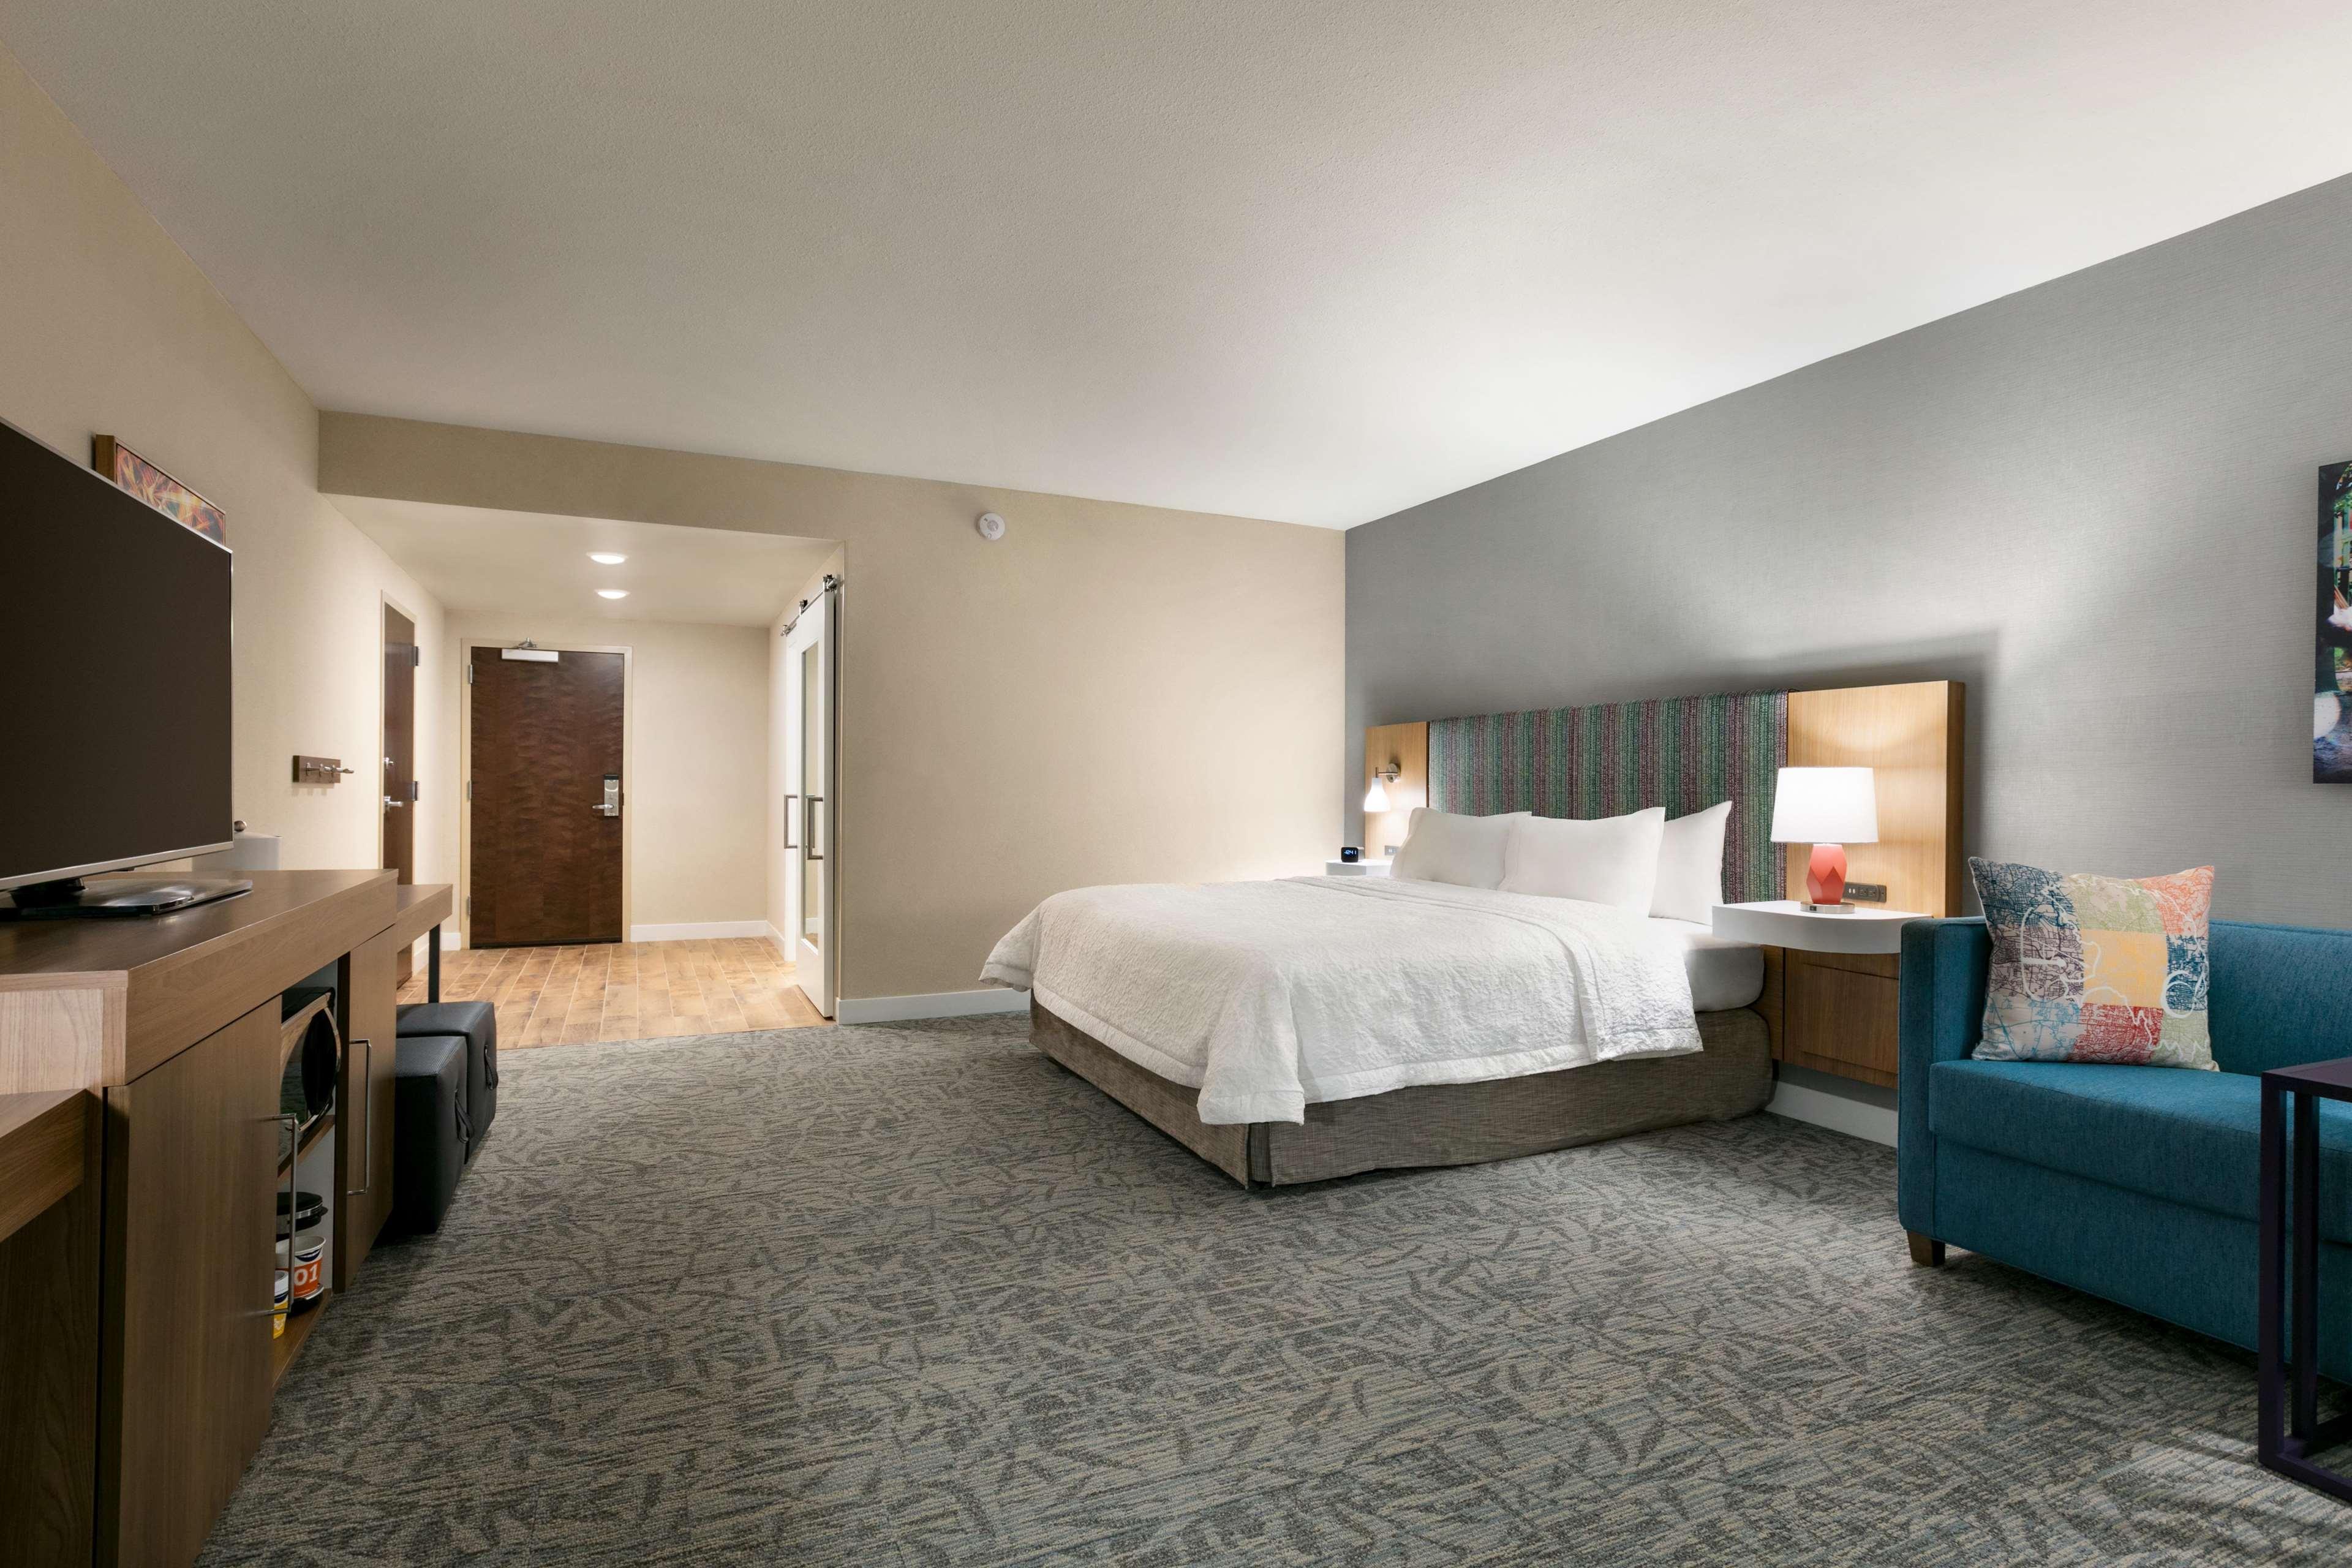 Hampton Inn and Suites Johns Creek image 38